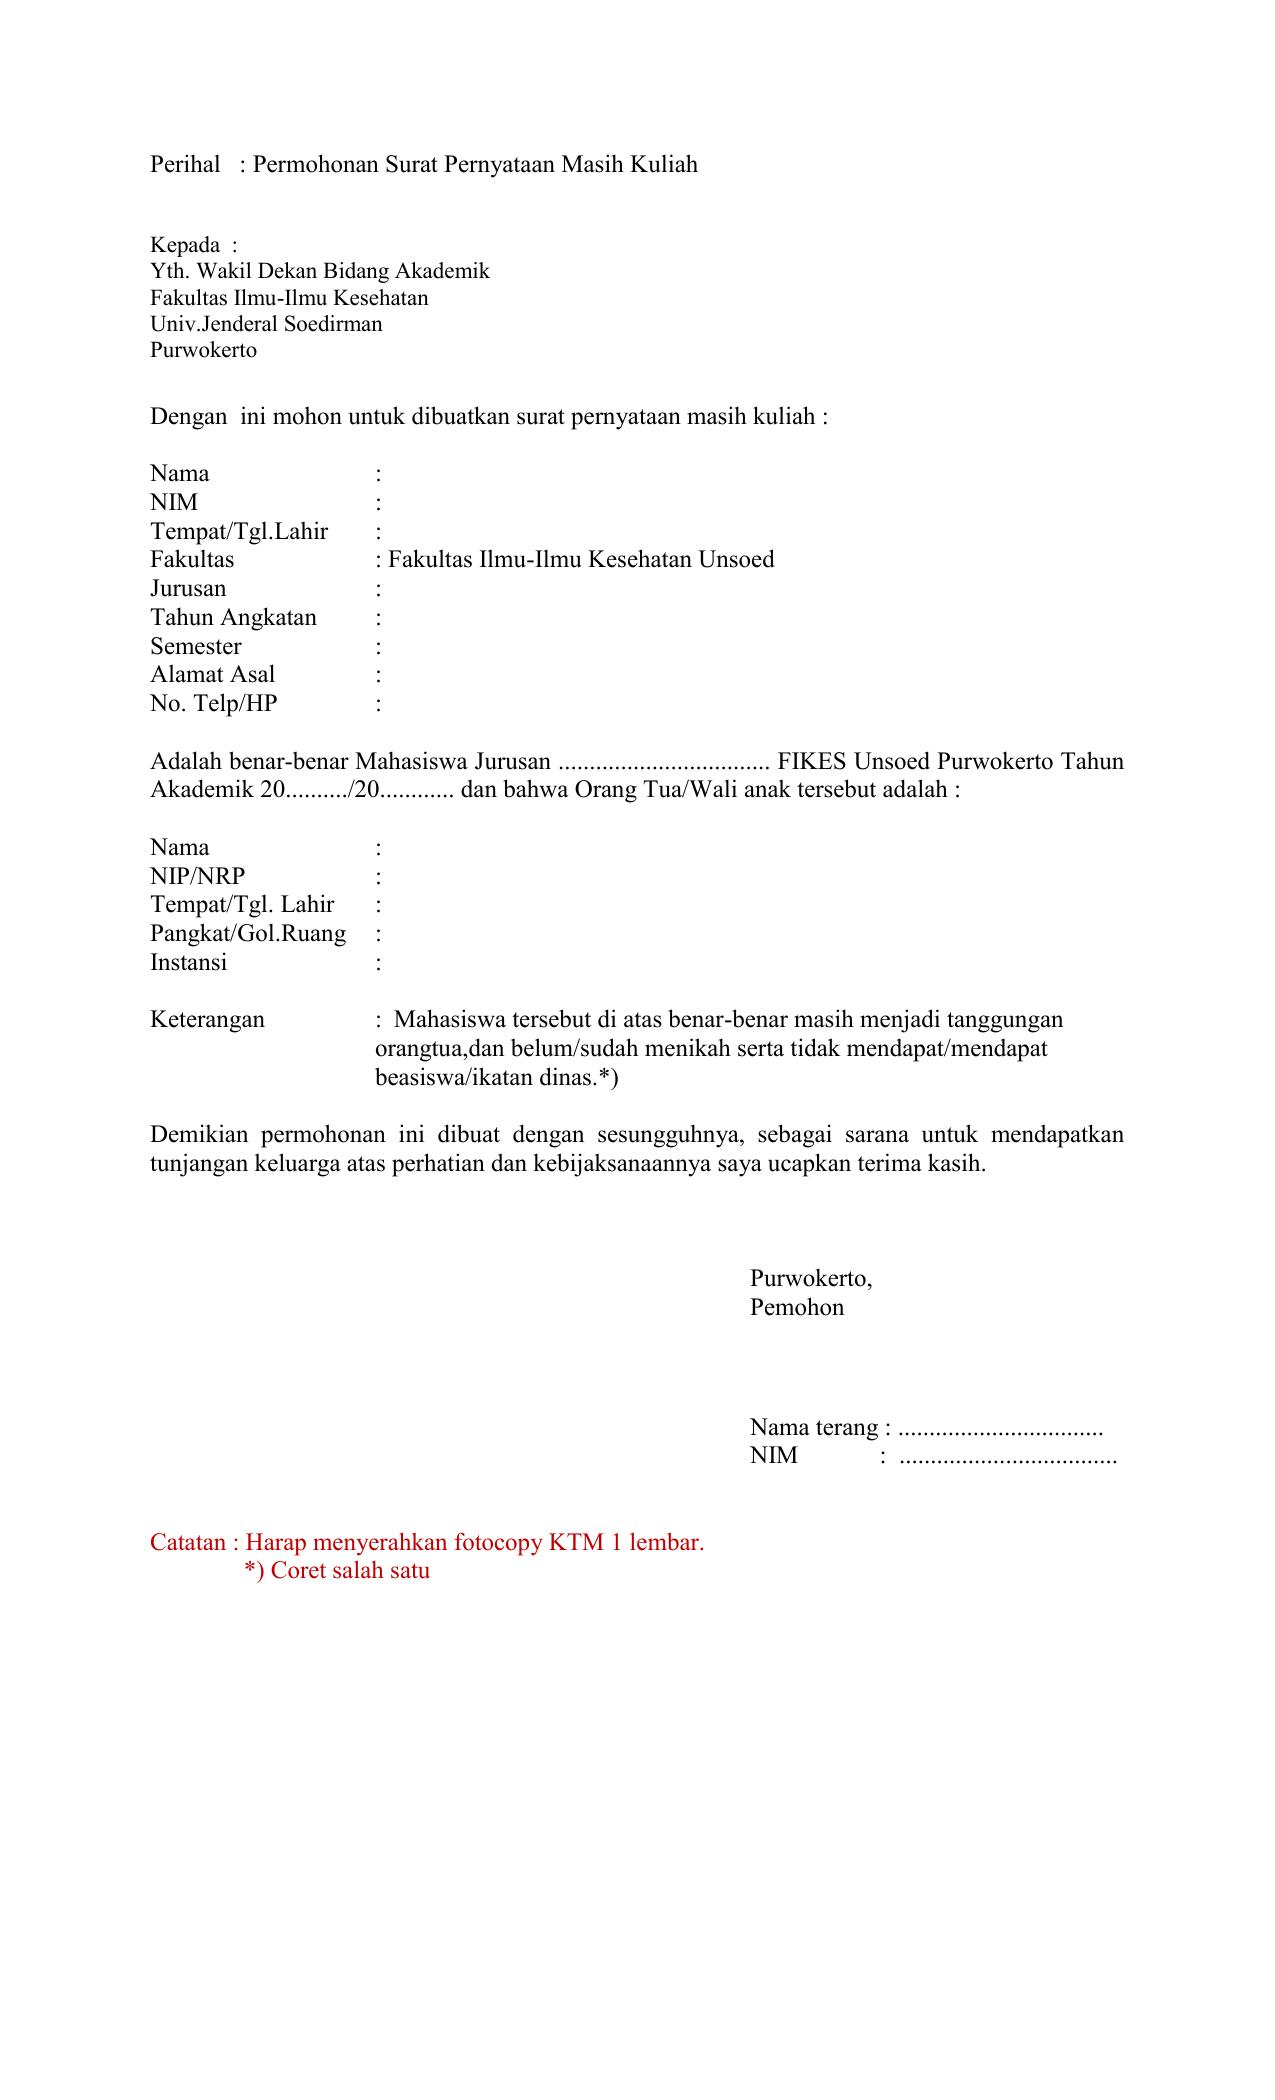 Formulir Surat Keterangan Masih Kuliah